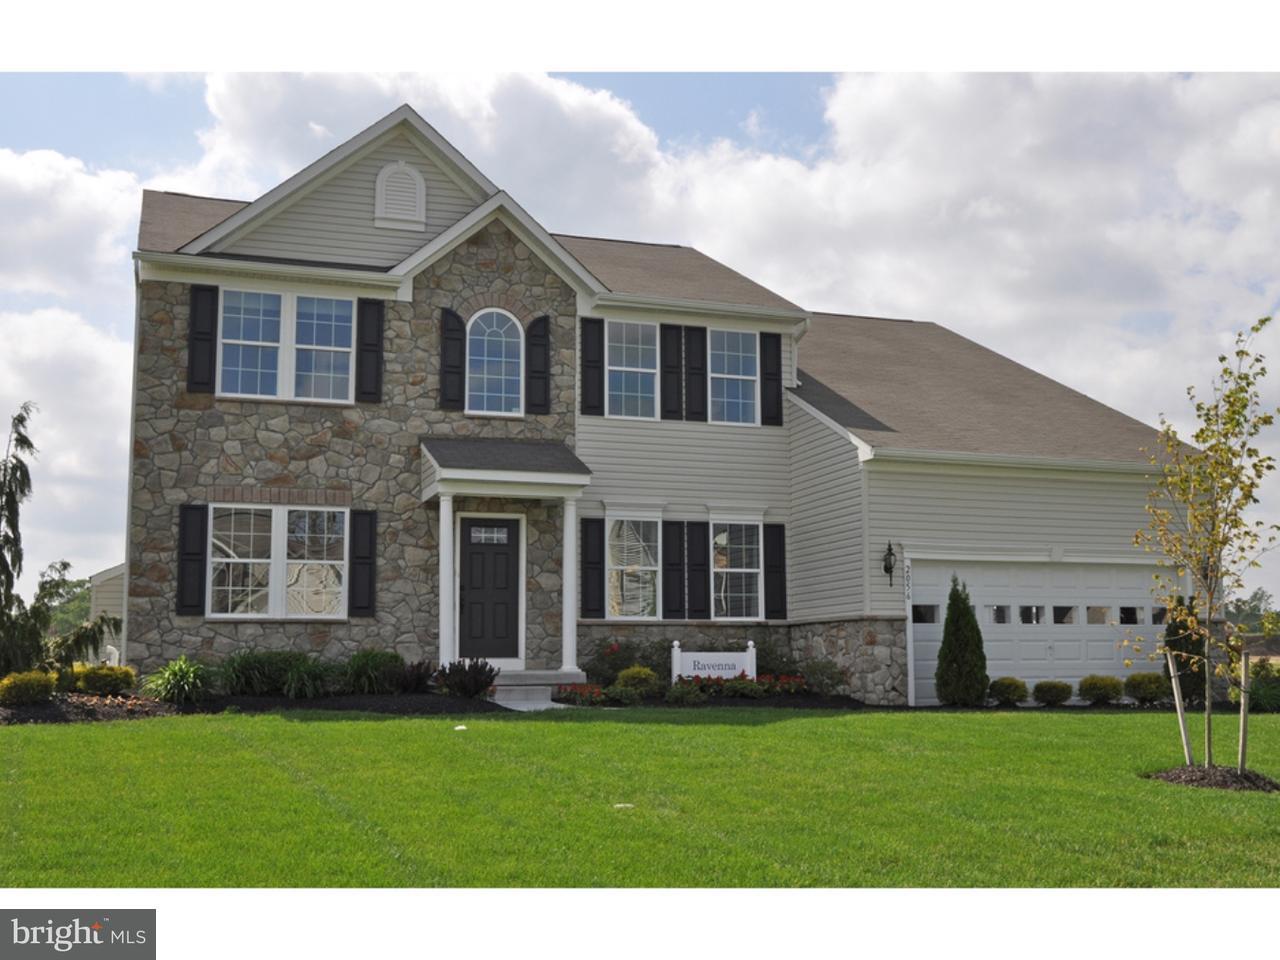 一戸建て のために 売買 アット 41 OAK Lane Carneys Point, ニュージャージー 08061 アメリカ合衆国